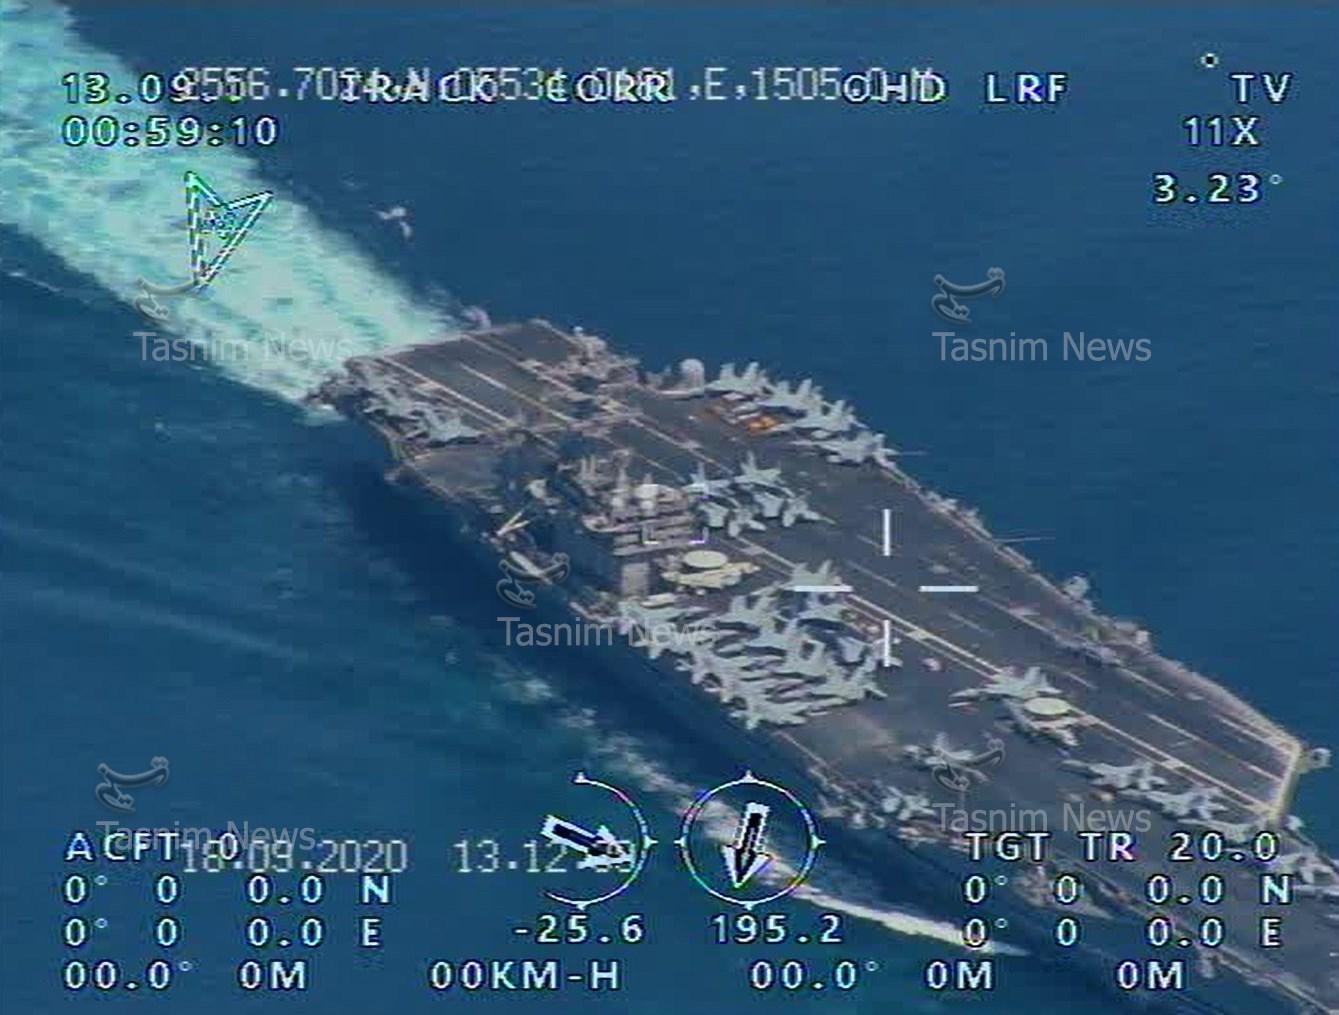 画面高清!伊朗用国产无人机拍下美军航母(图) 第1张